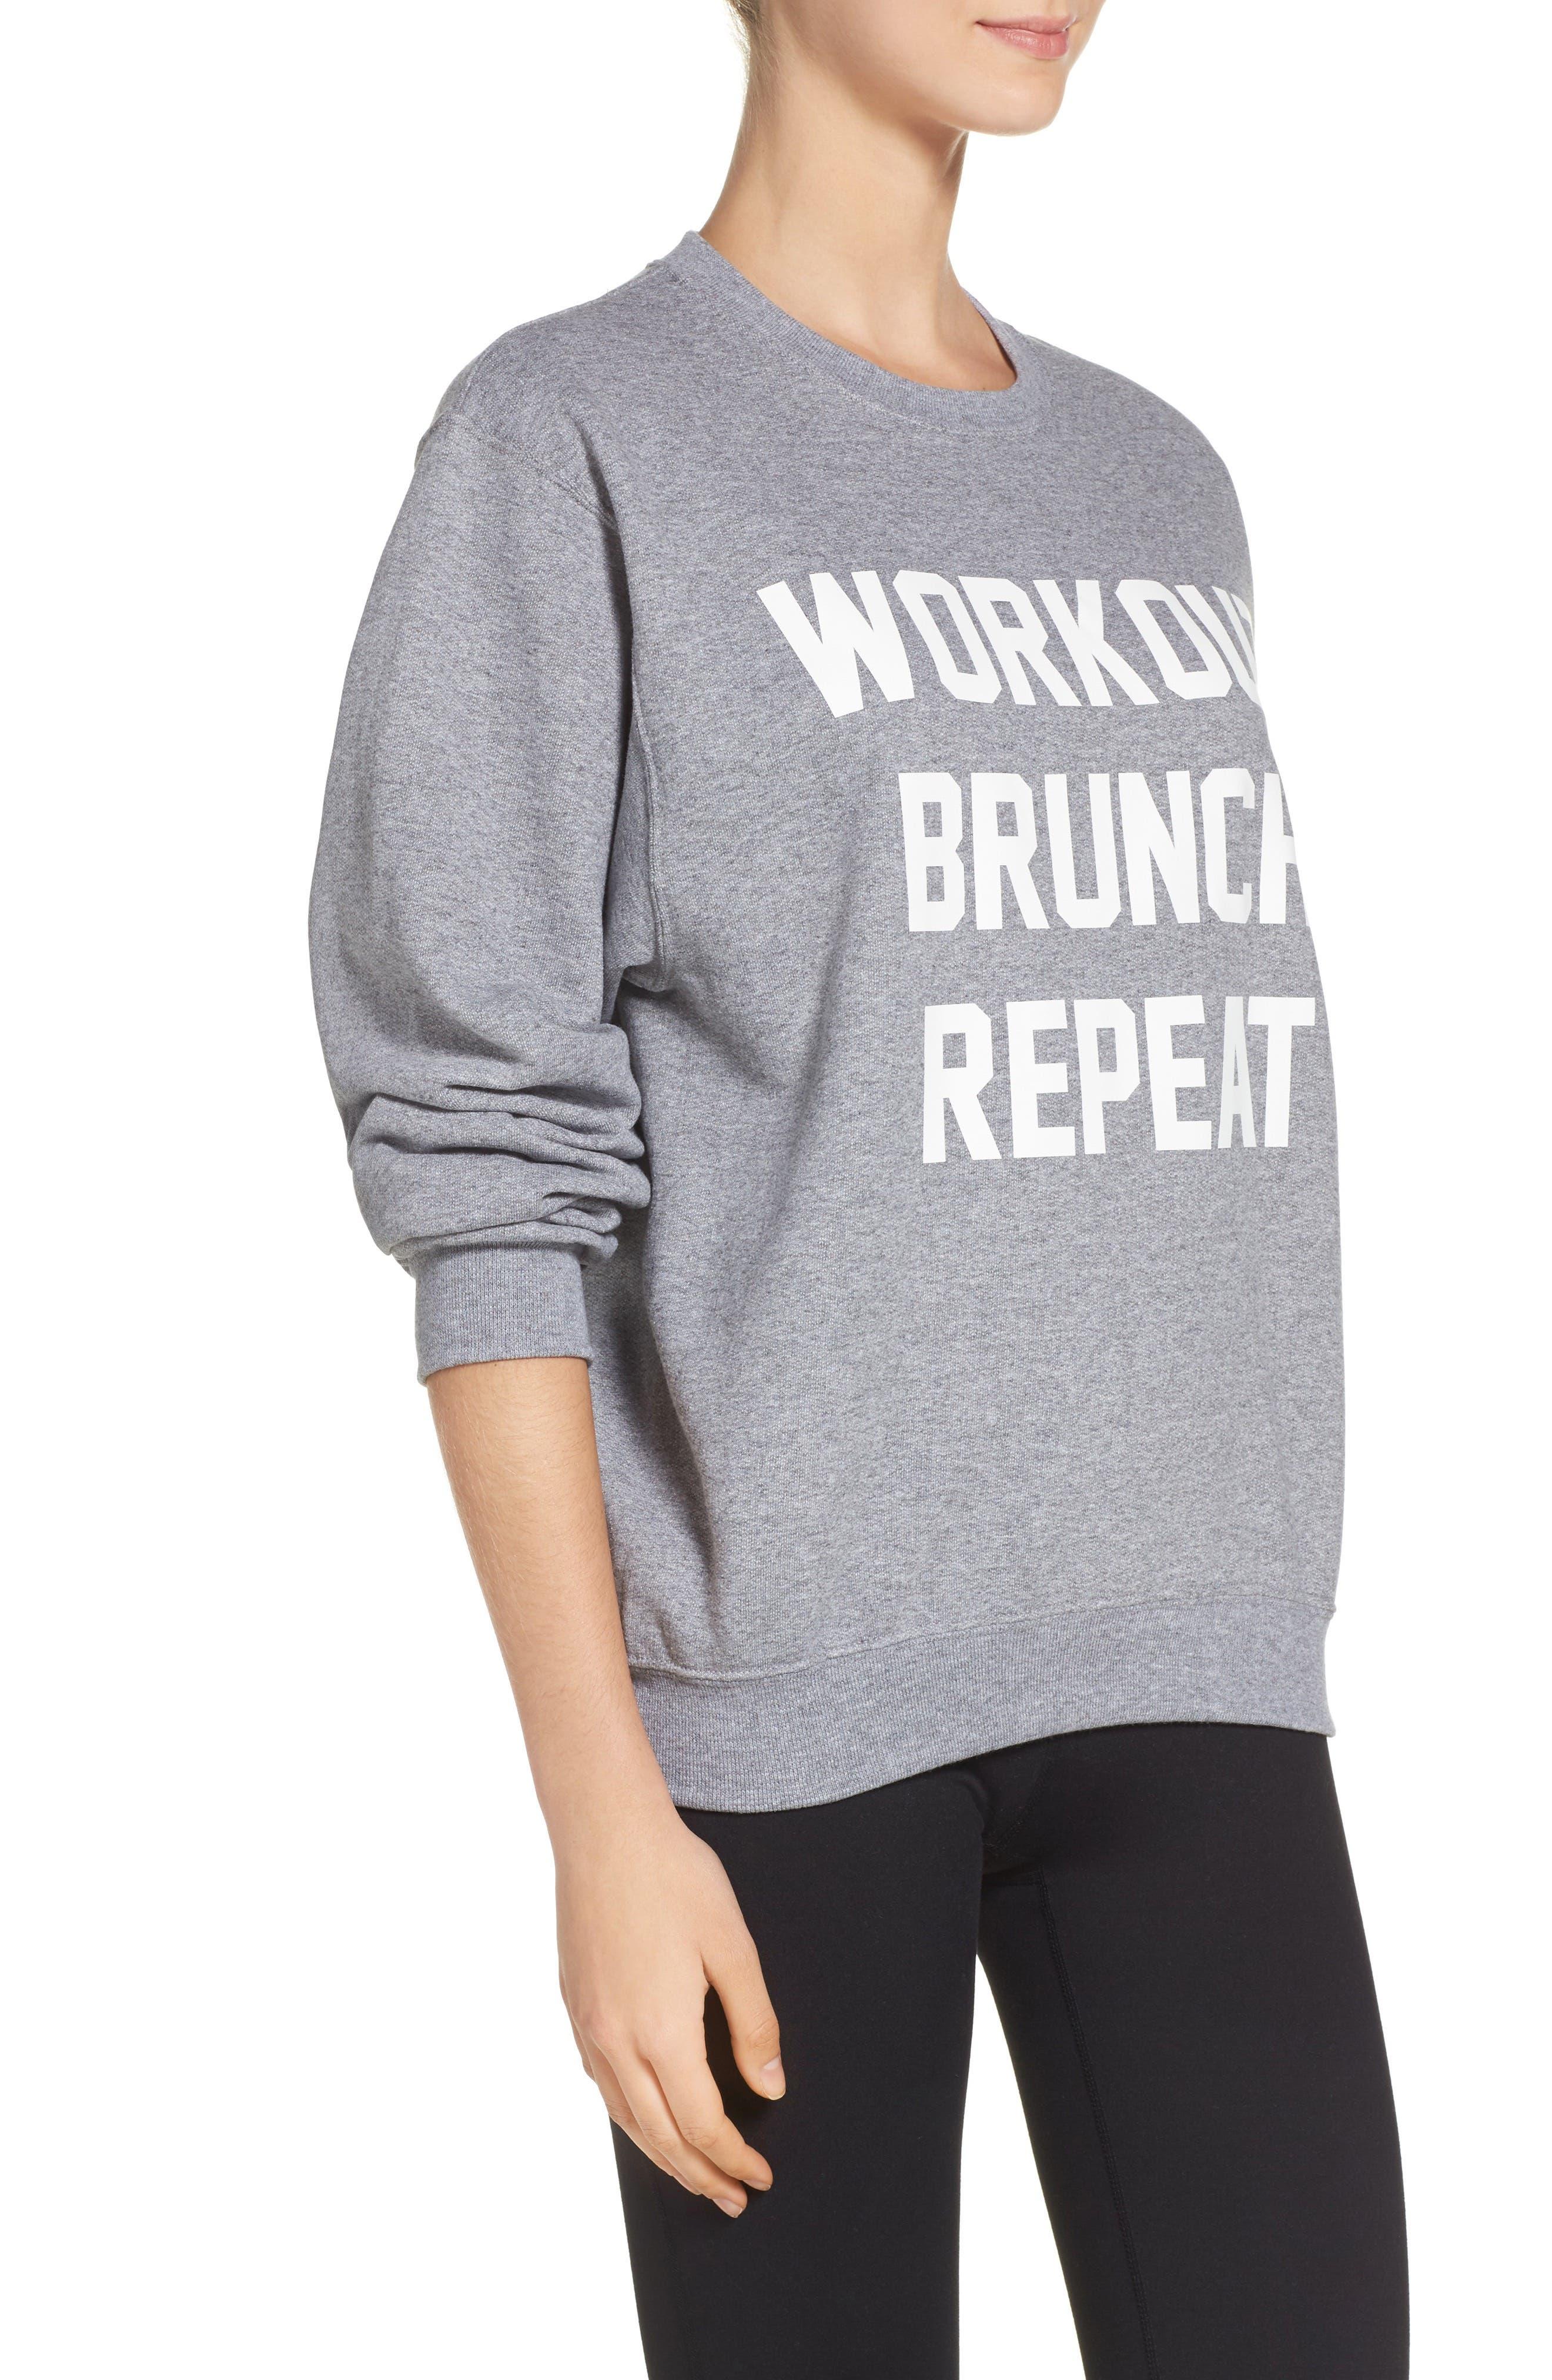 Workout Brunch Repeat Sweatshirt,                             Alternate thumbnail 3, color,                             020